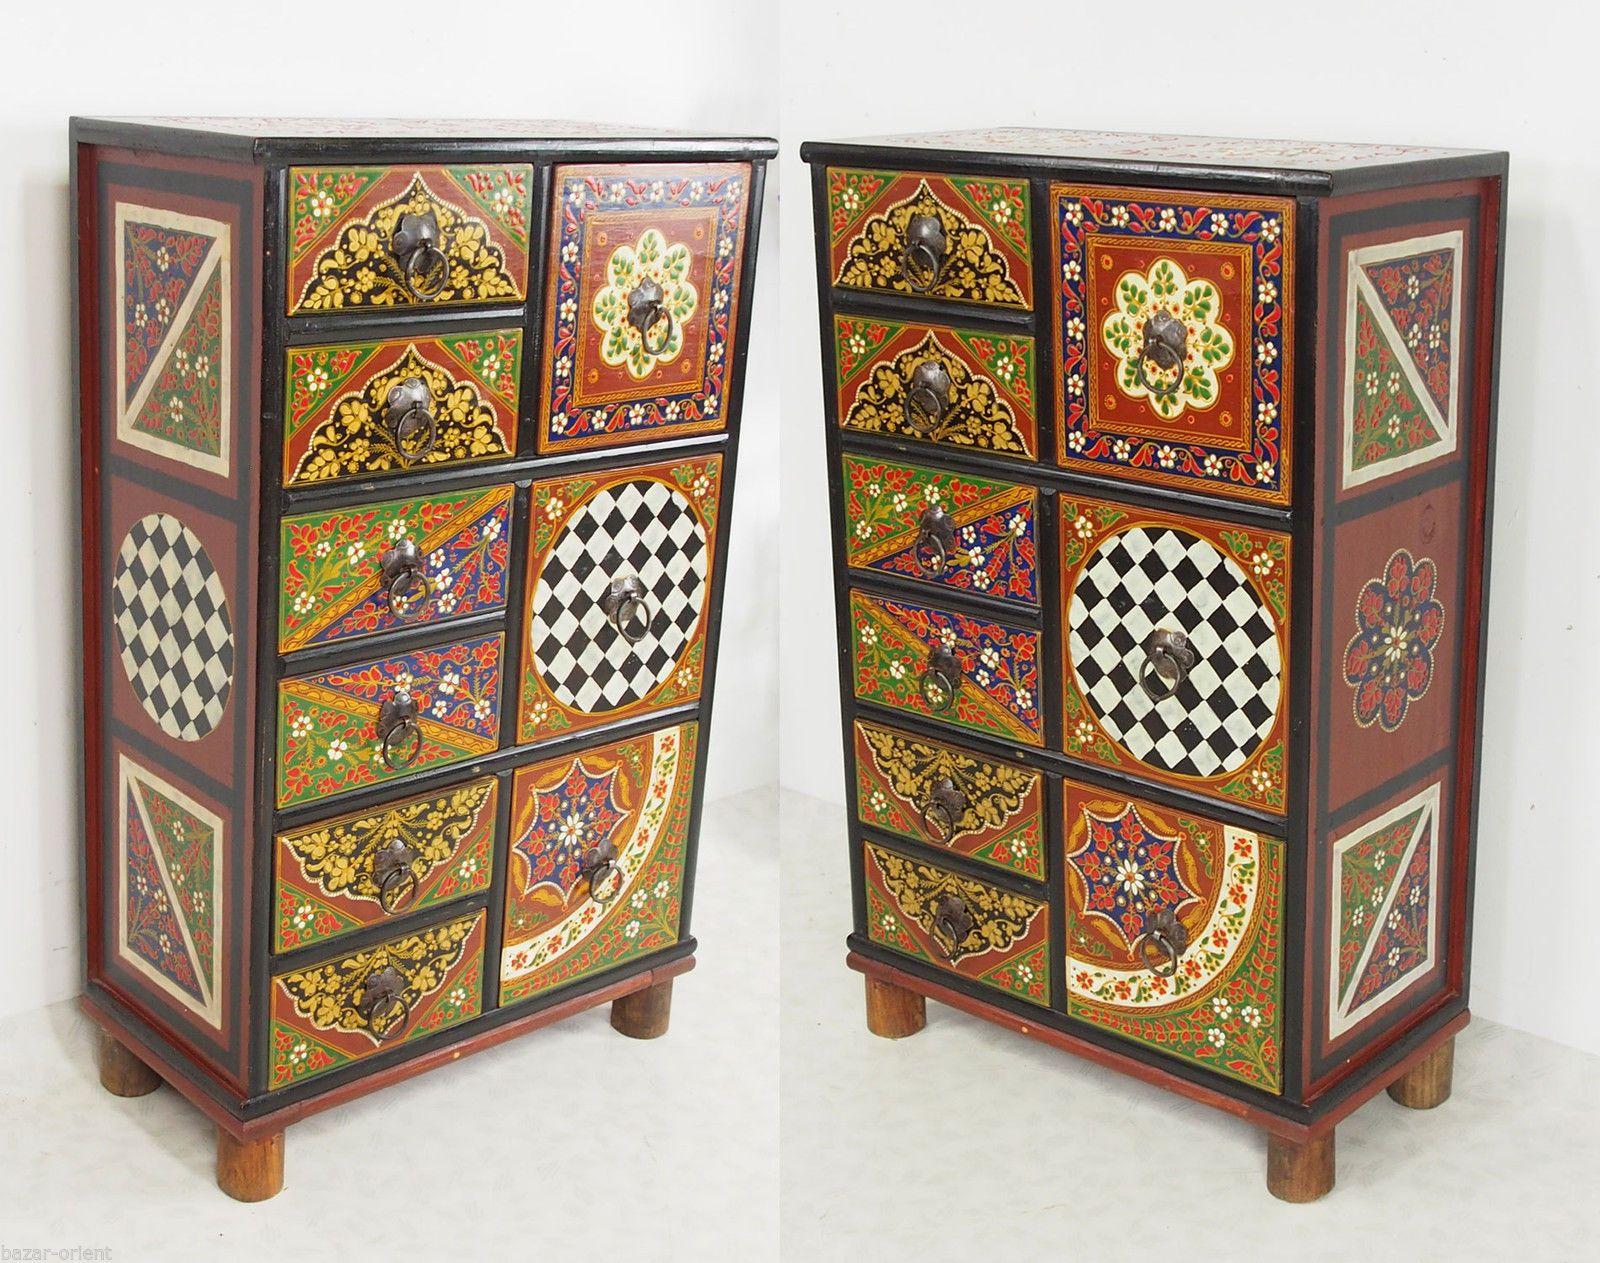 Ebay Schlafzimmerschrank ~ Antik luxuriöse orient stuhl intarsien antique india anglo